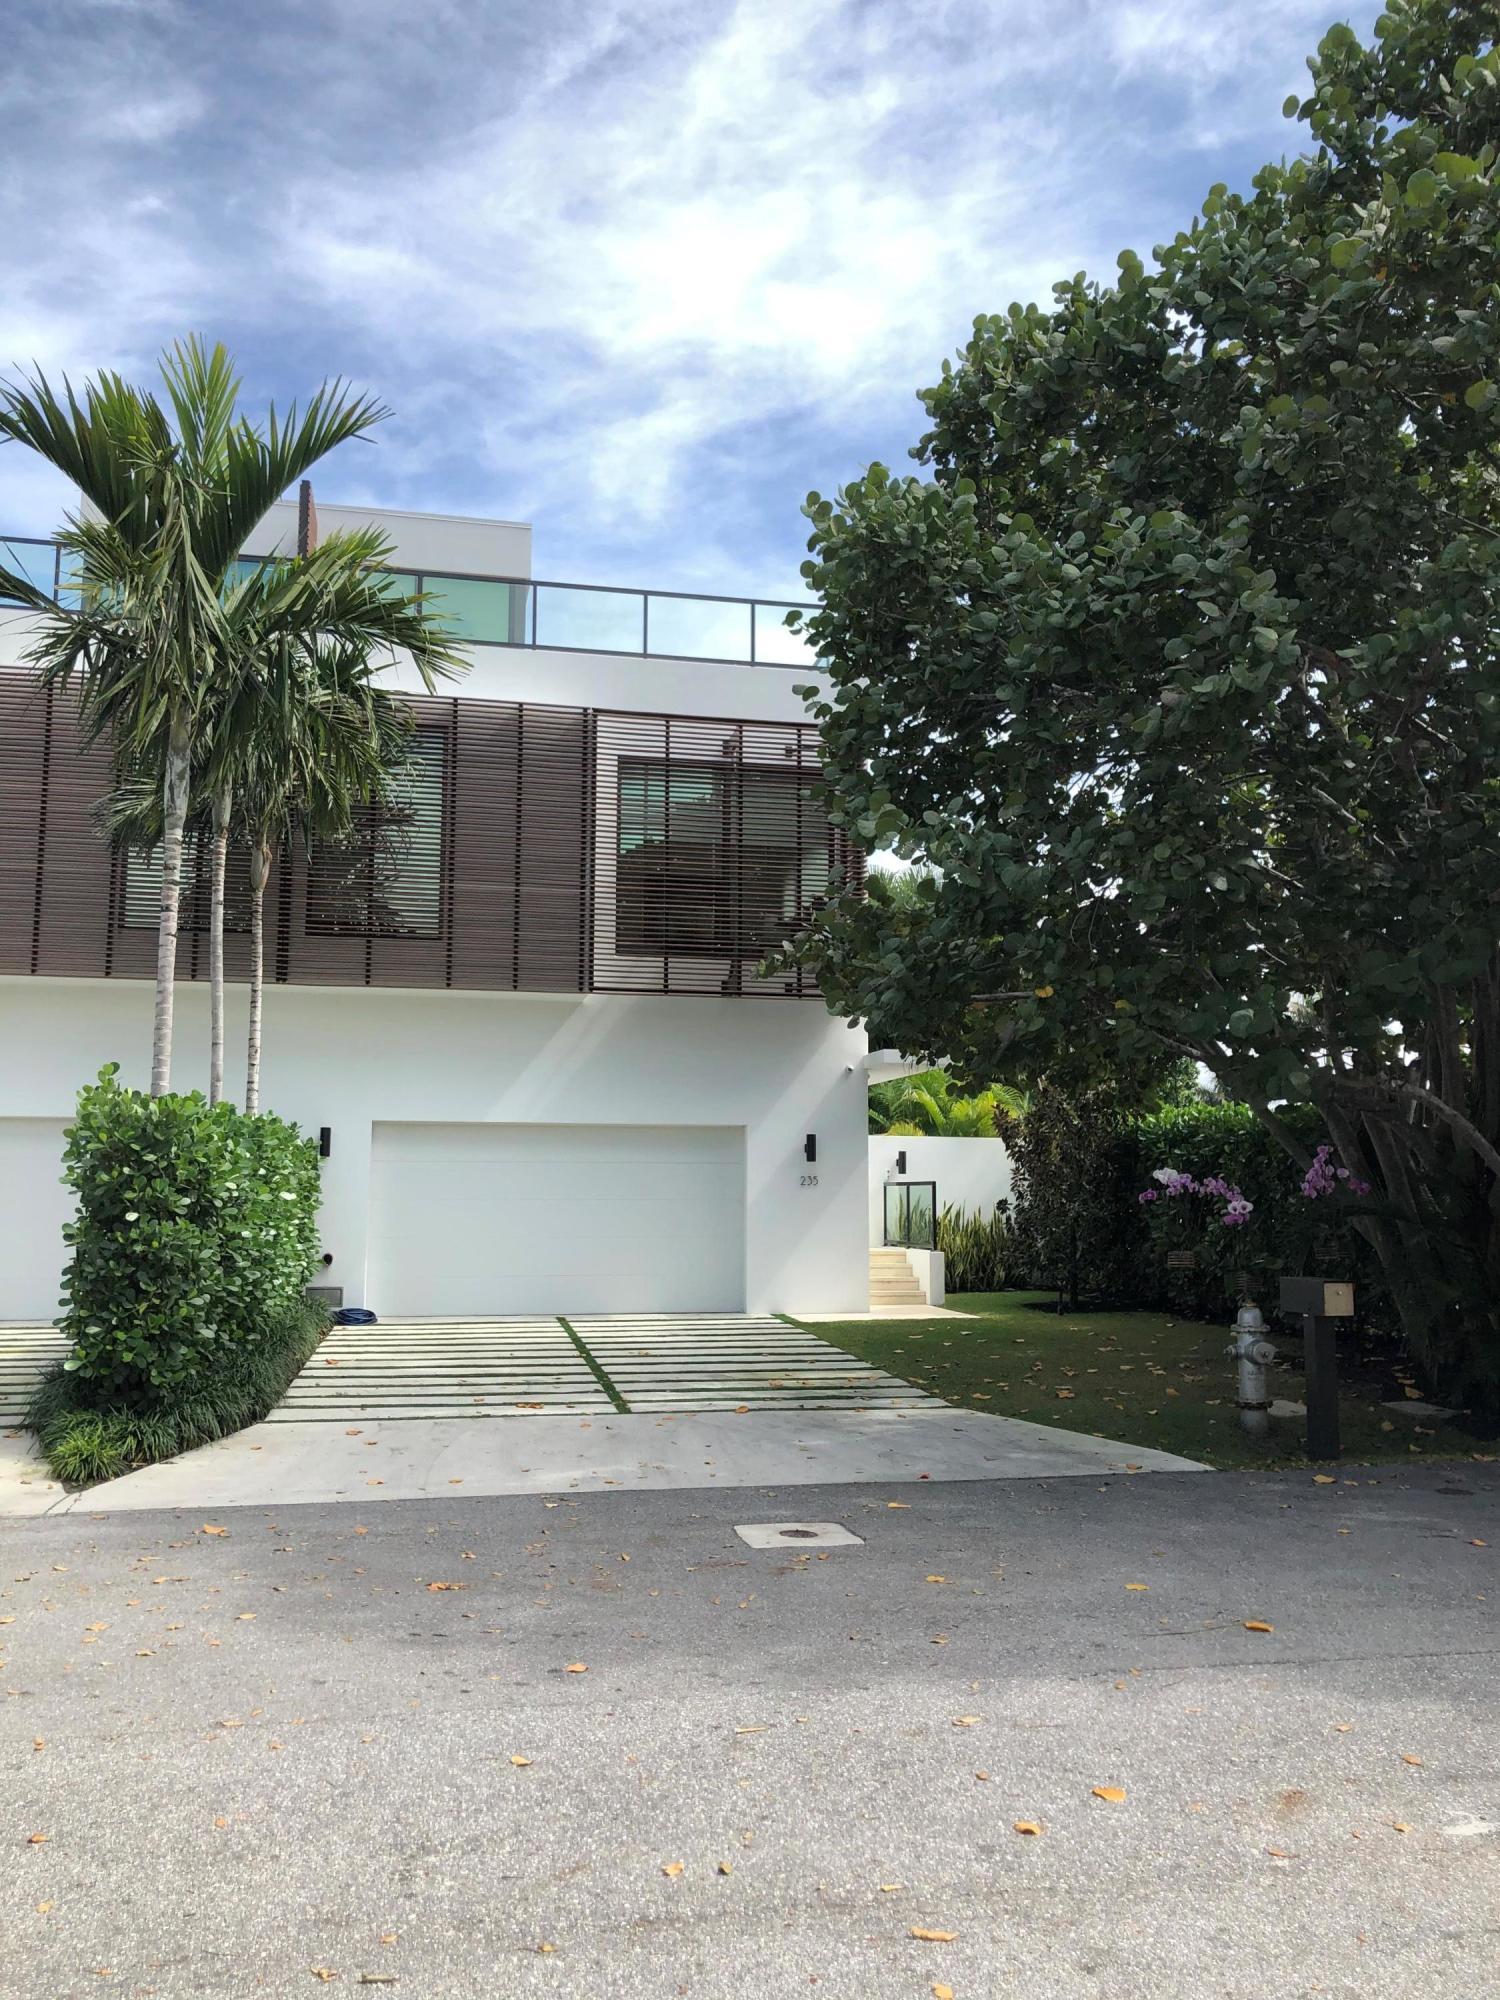 235 Macfarlane Drive  Delray Beach, FL 33483